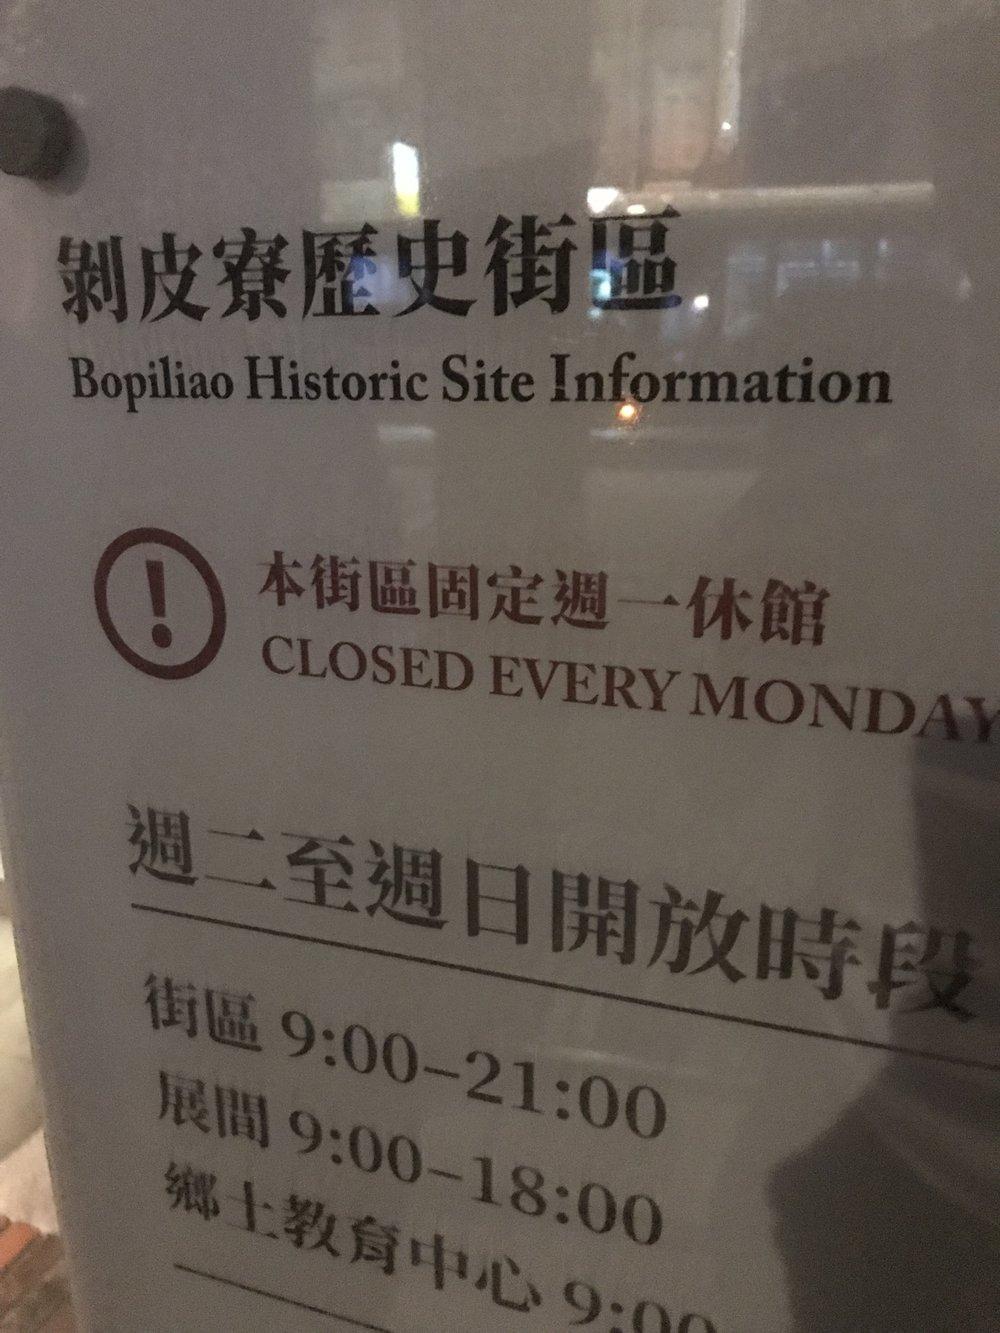 - تتوفر معظم الإرشادات السياحية باللغة الصينية والإنجليزية